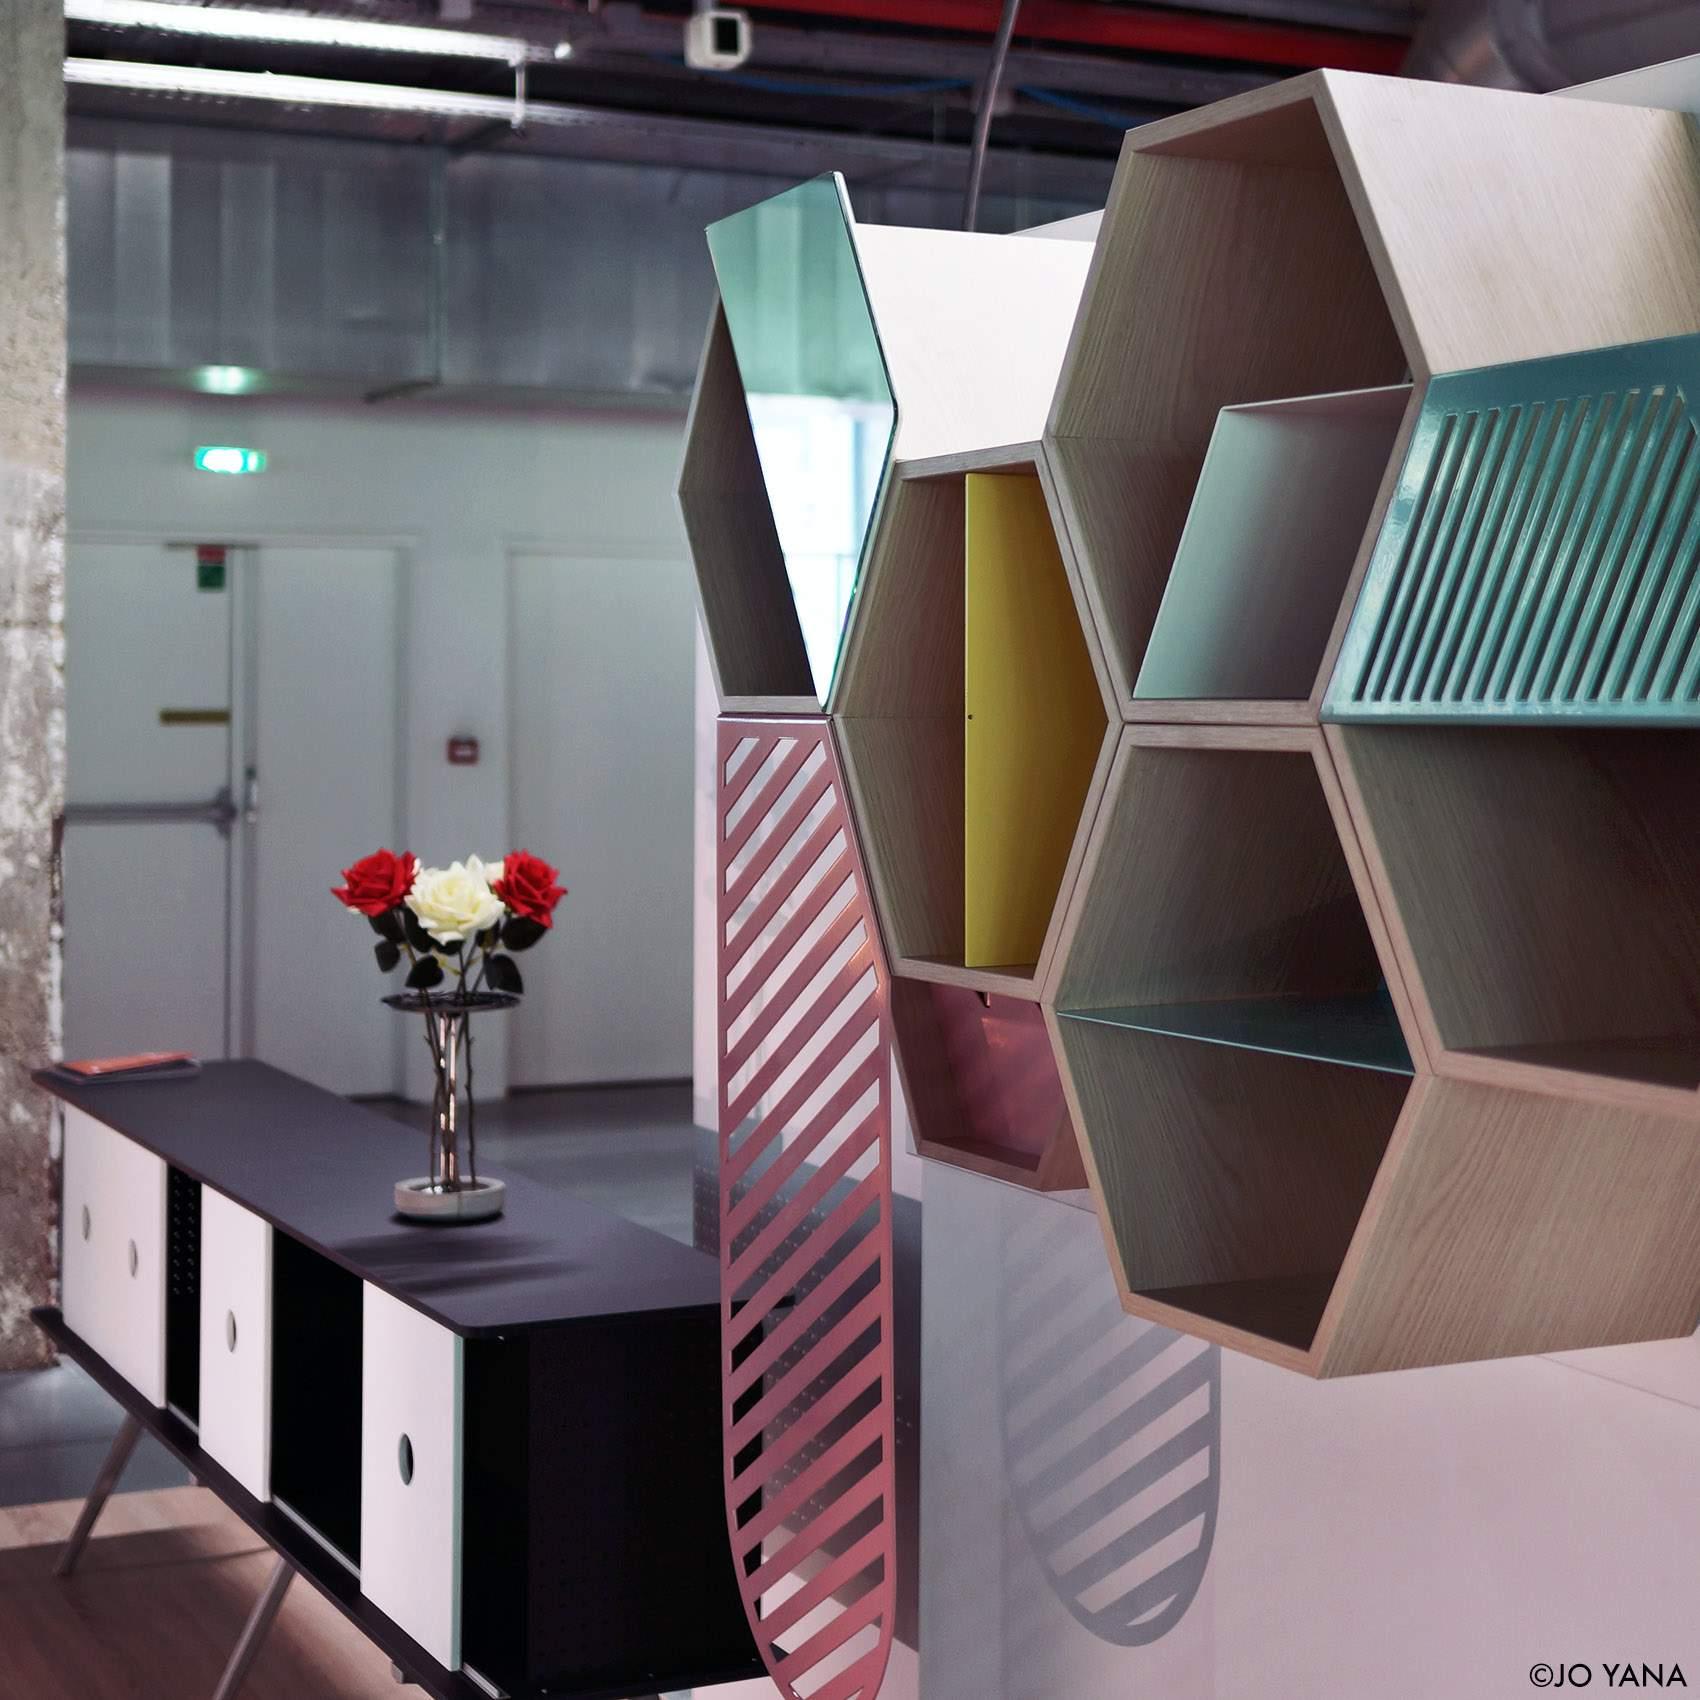 Tables d'appoint et étagères COLMEIA par Tania CLEMENTE NOW LE OFF 7